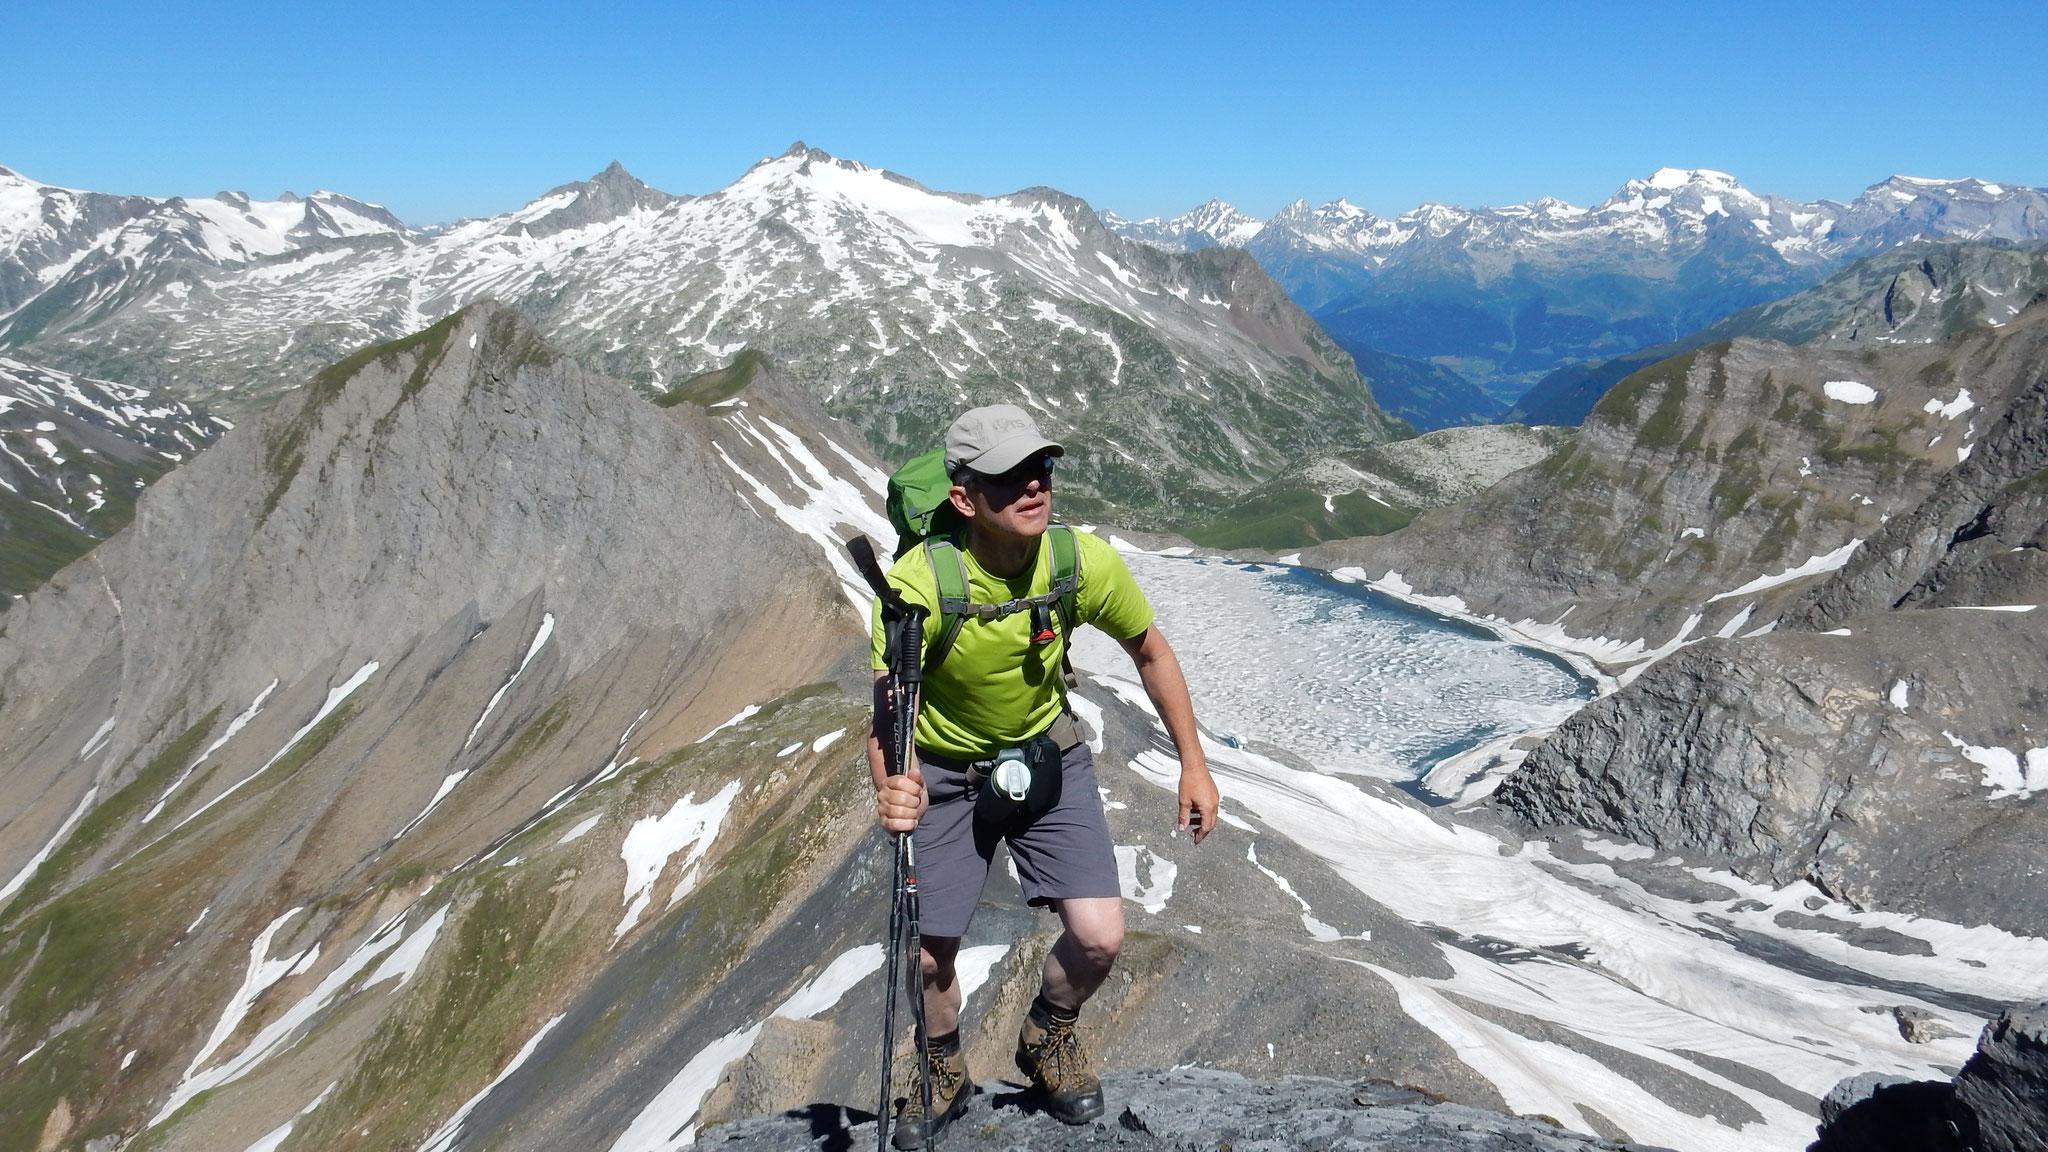 auf dem Grat Richtung Gipfel